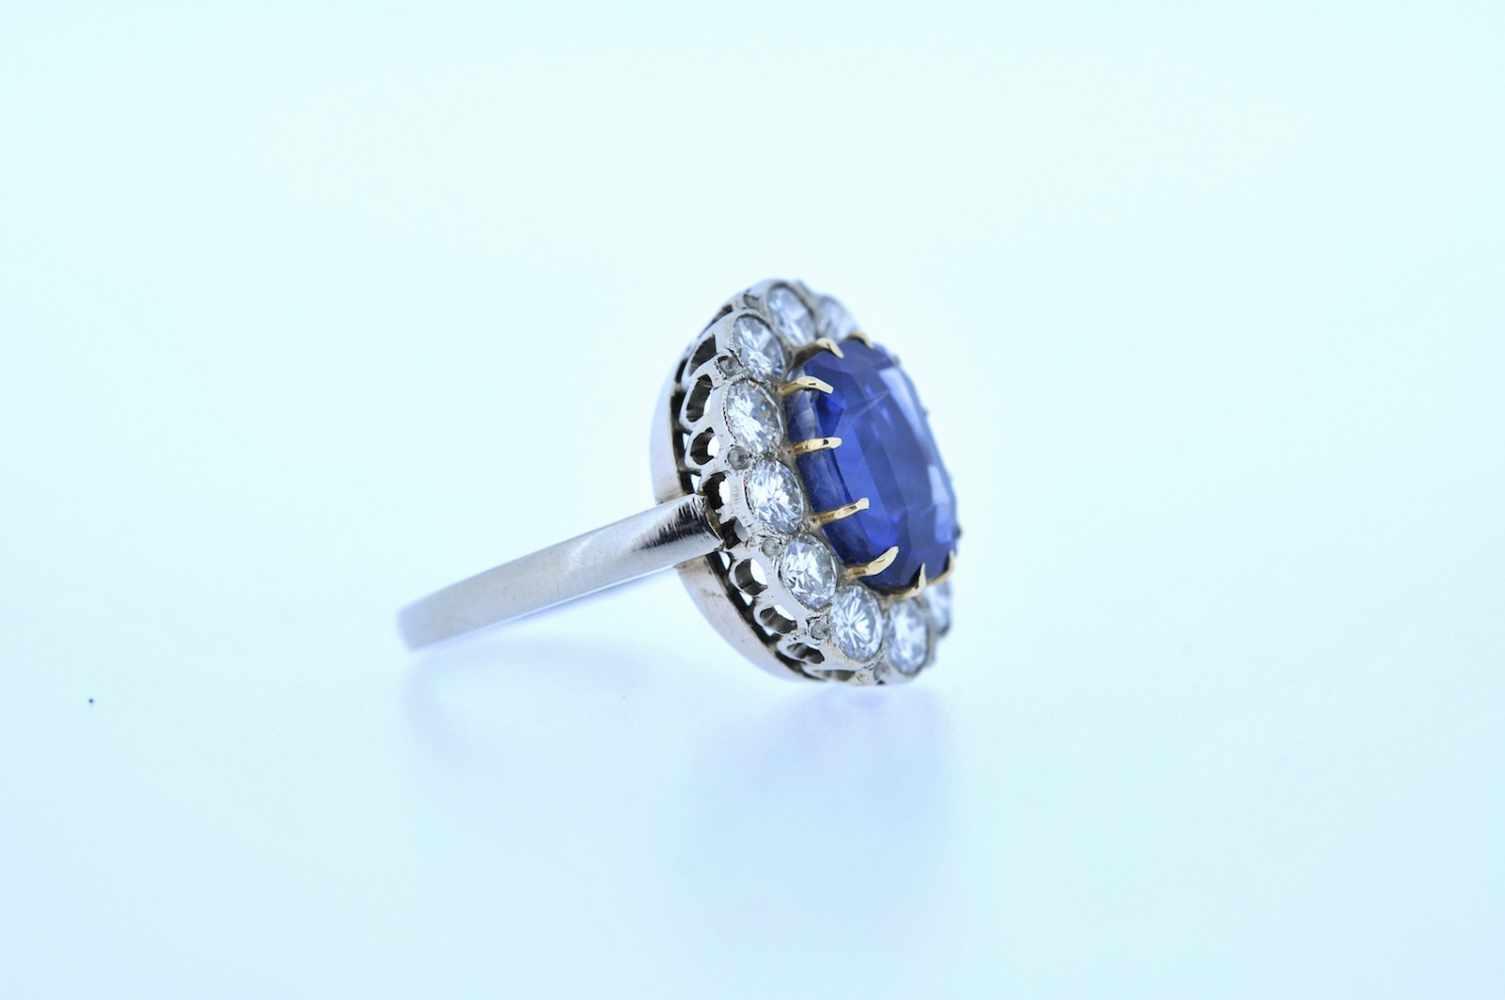 Ring Weißgoldener Ring mit Brillanten, zus. ca. 2 ct und einem Saphir, ca. 4,5 ct, Ringweite 54, 5,8 - Bild 2 aus 3